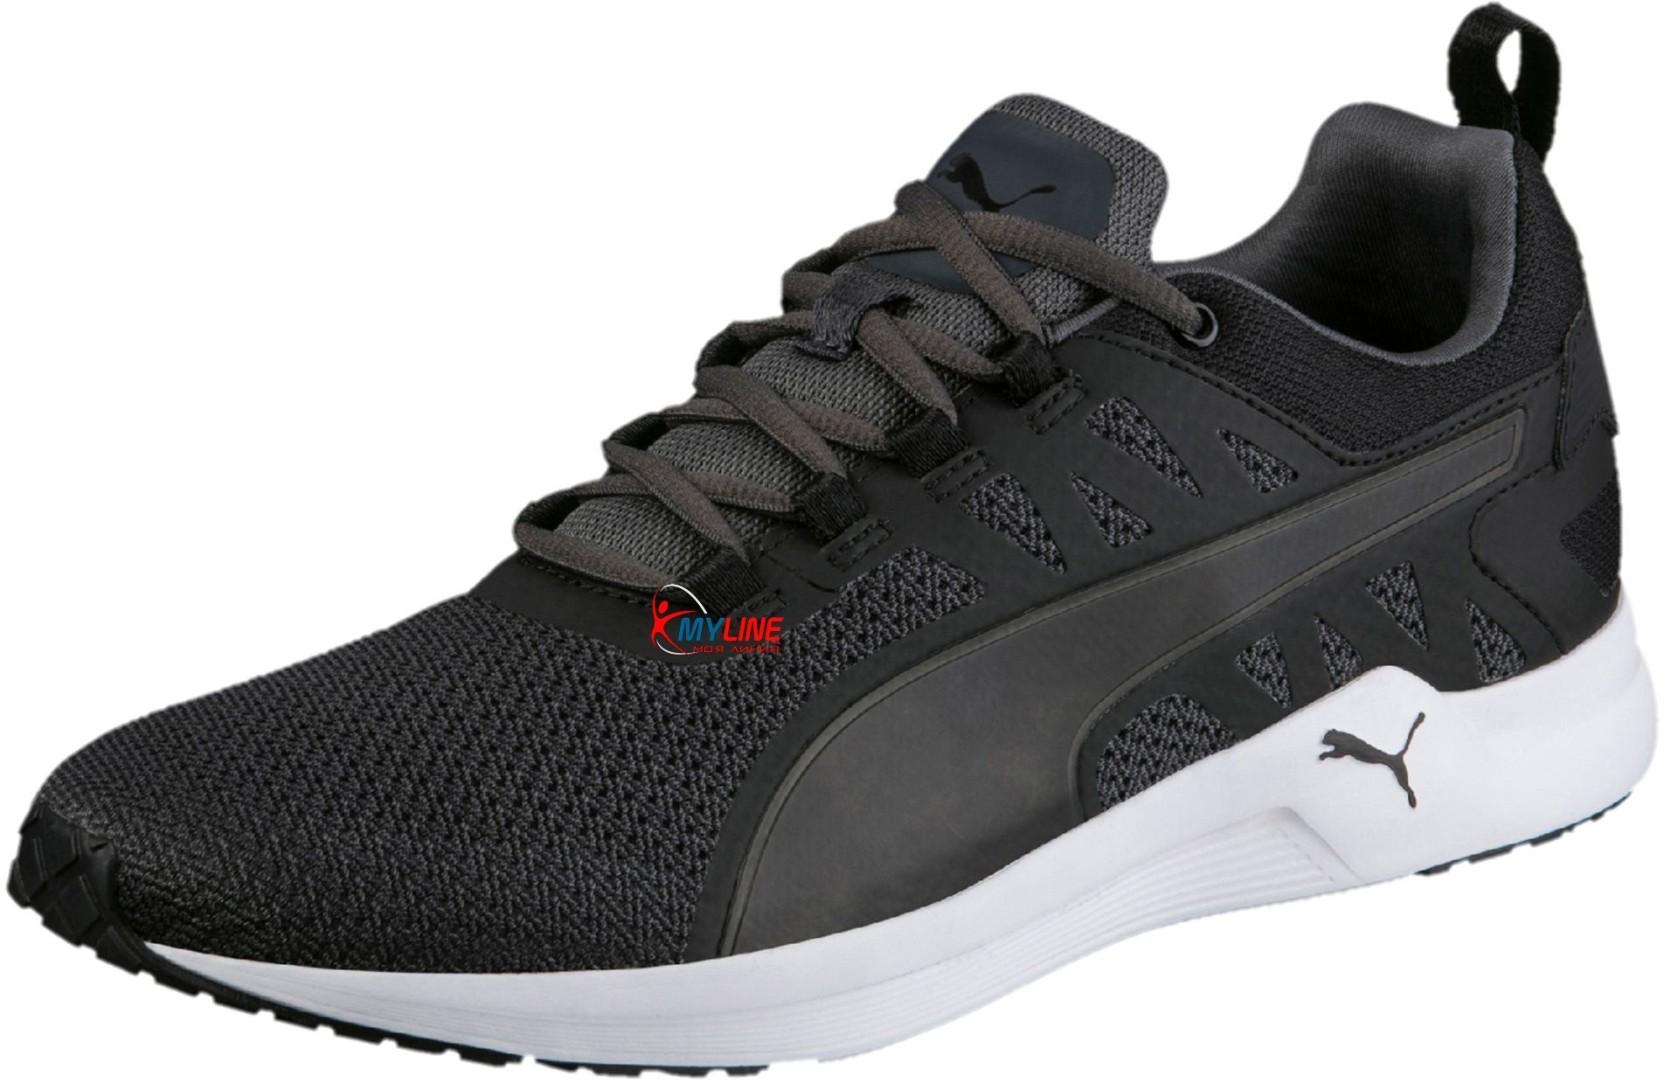 Puma Pulse XT 2 Core Walking Shoes For Men - Buy Puma Pulse XT 2 ... 985eebc93